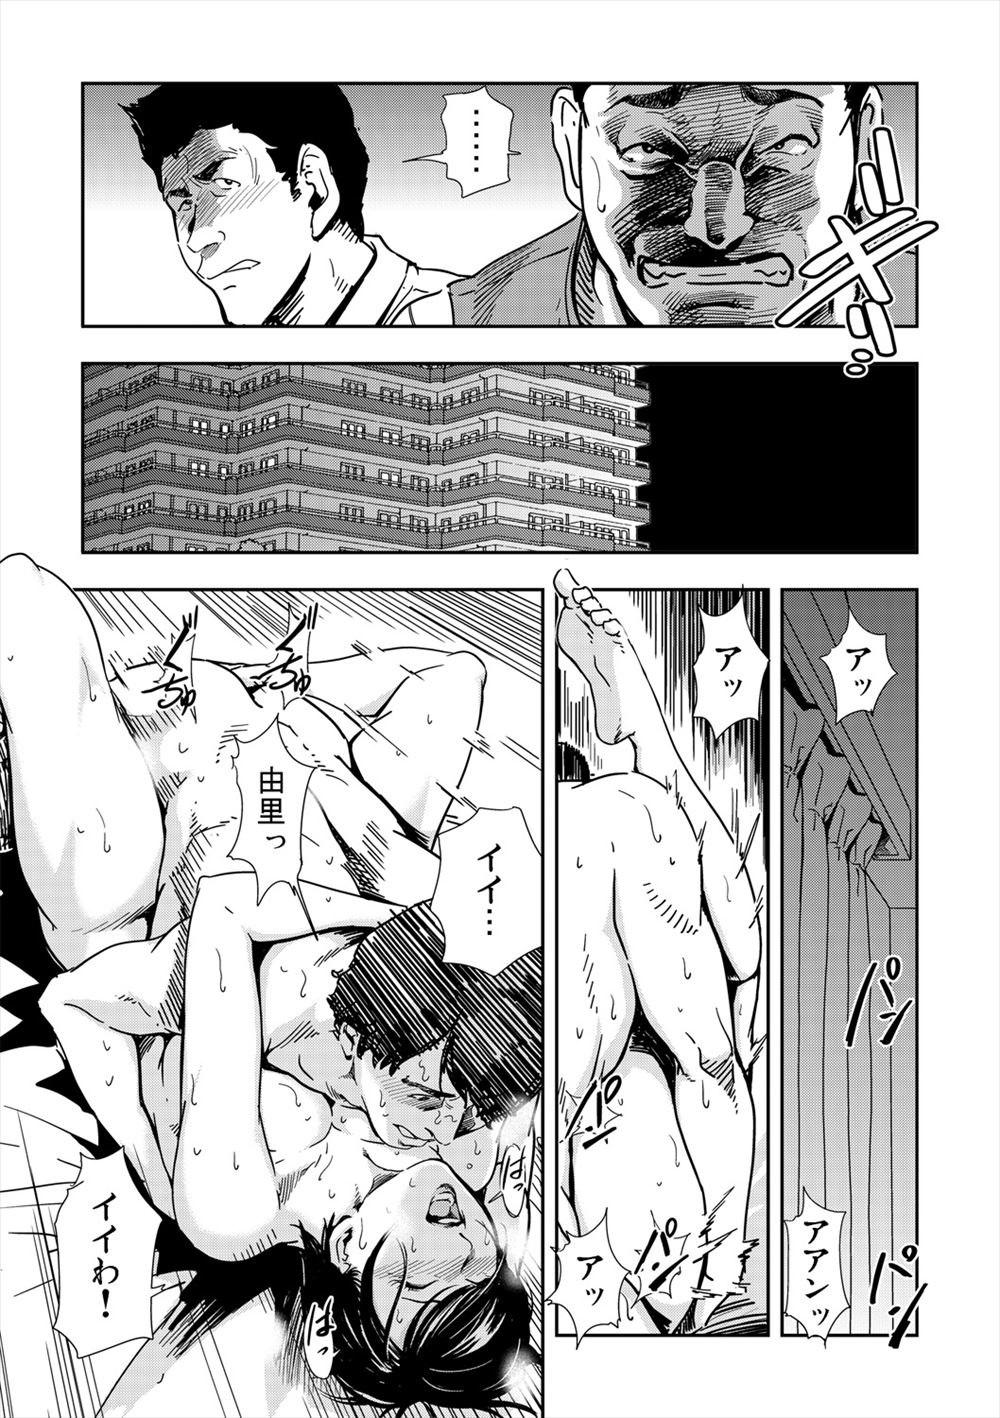 【エロ漫画】コンビニで万引きをして捕まった男子生徒と女教師がフェラチオやクンニから強姦レイプで3P中出しセックスへ!【無料 エロ同人誌】 008